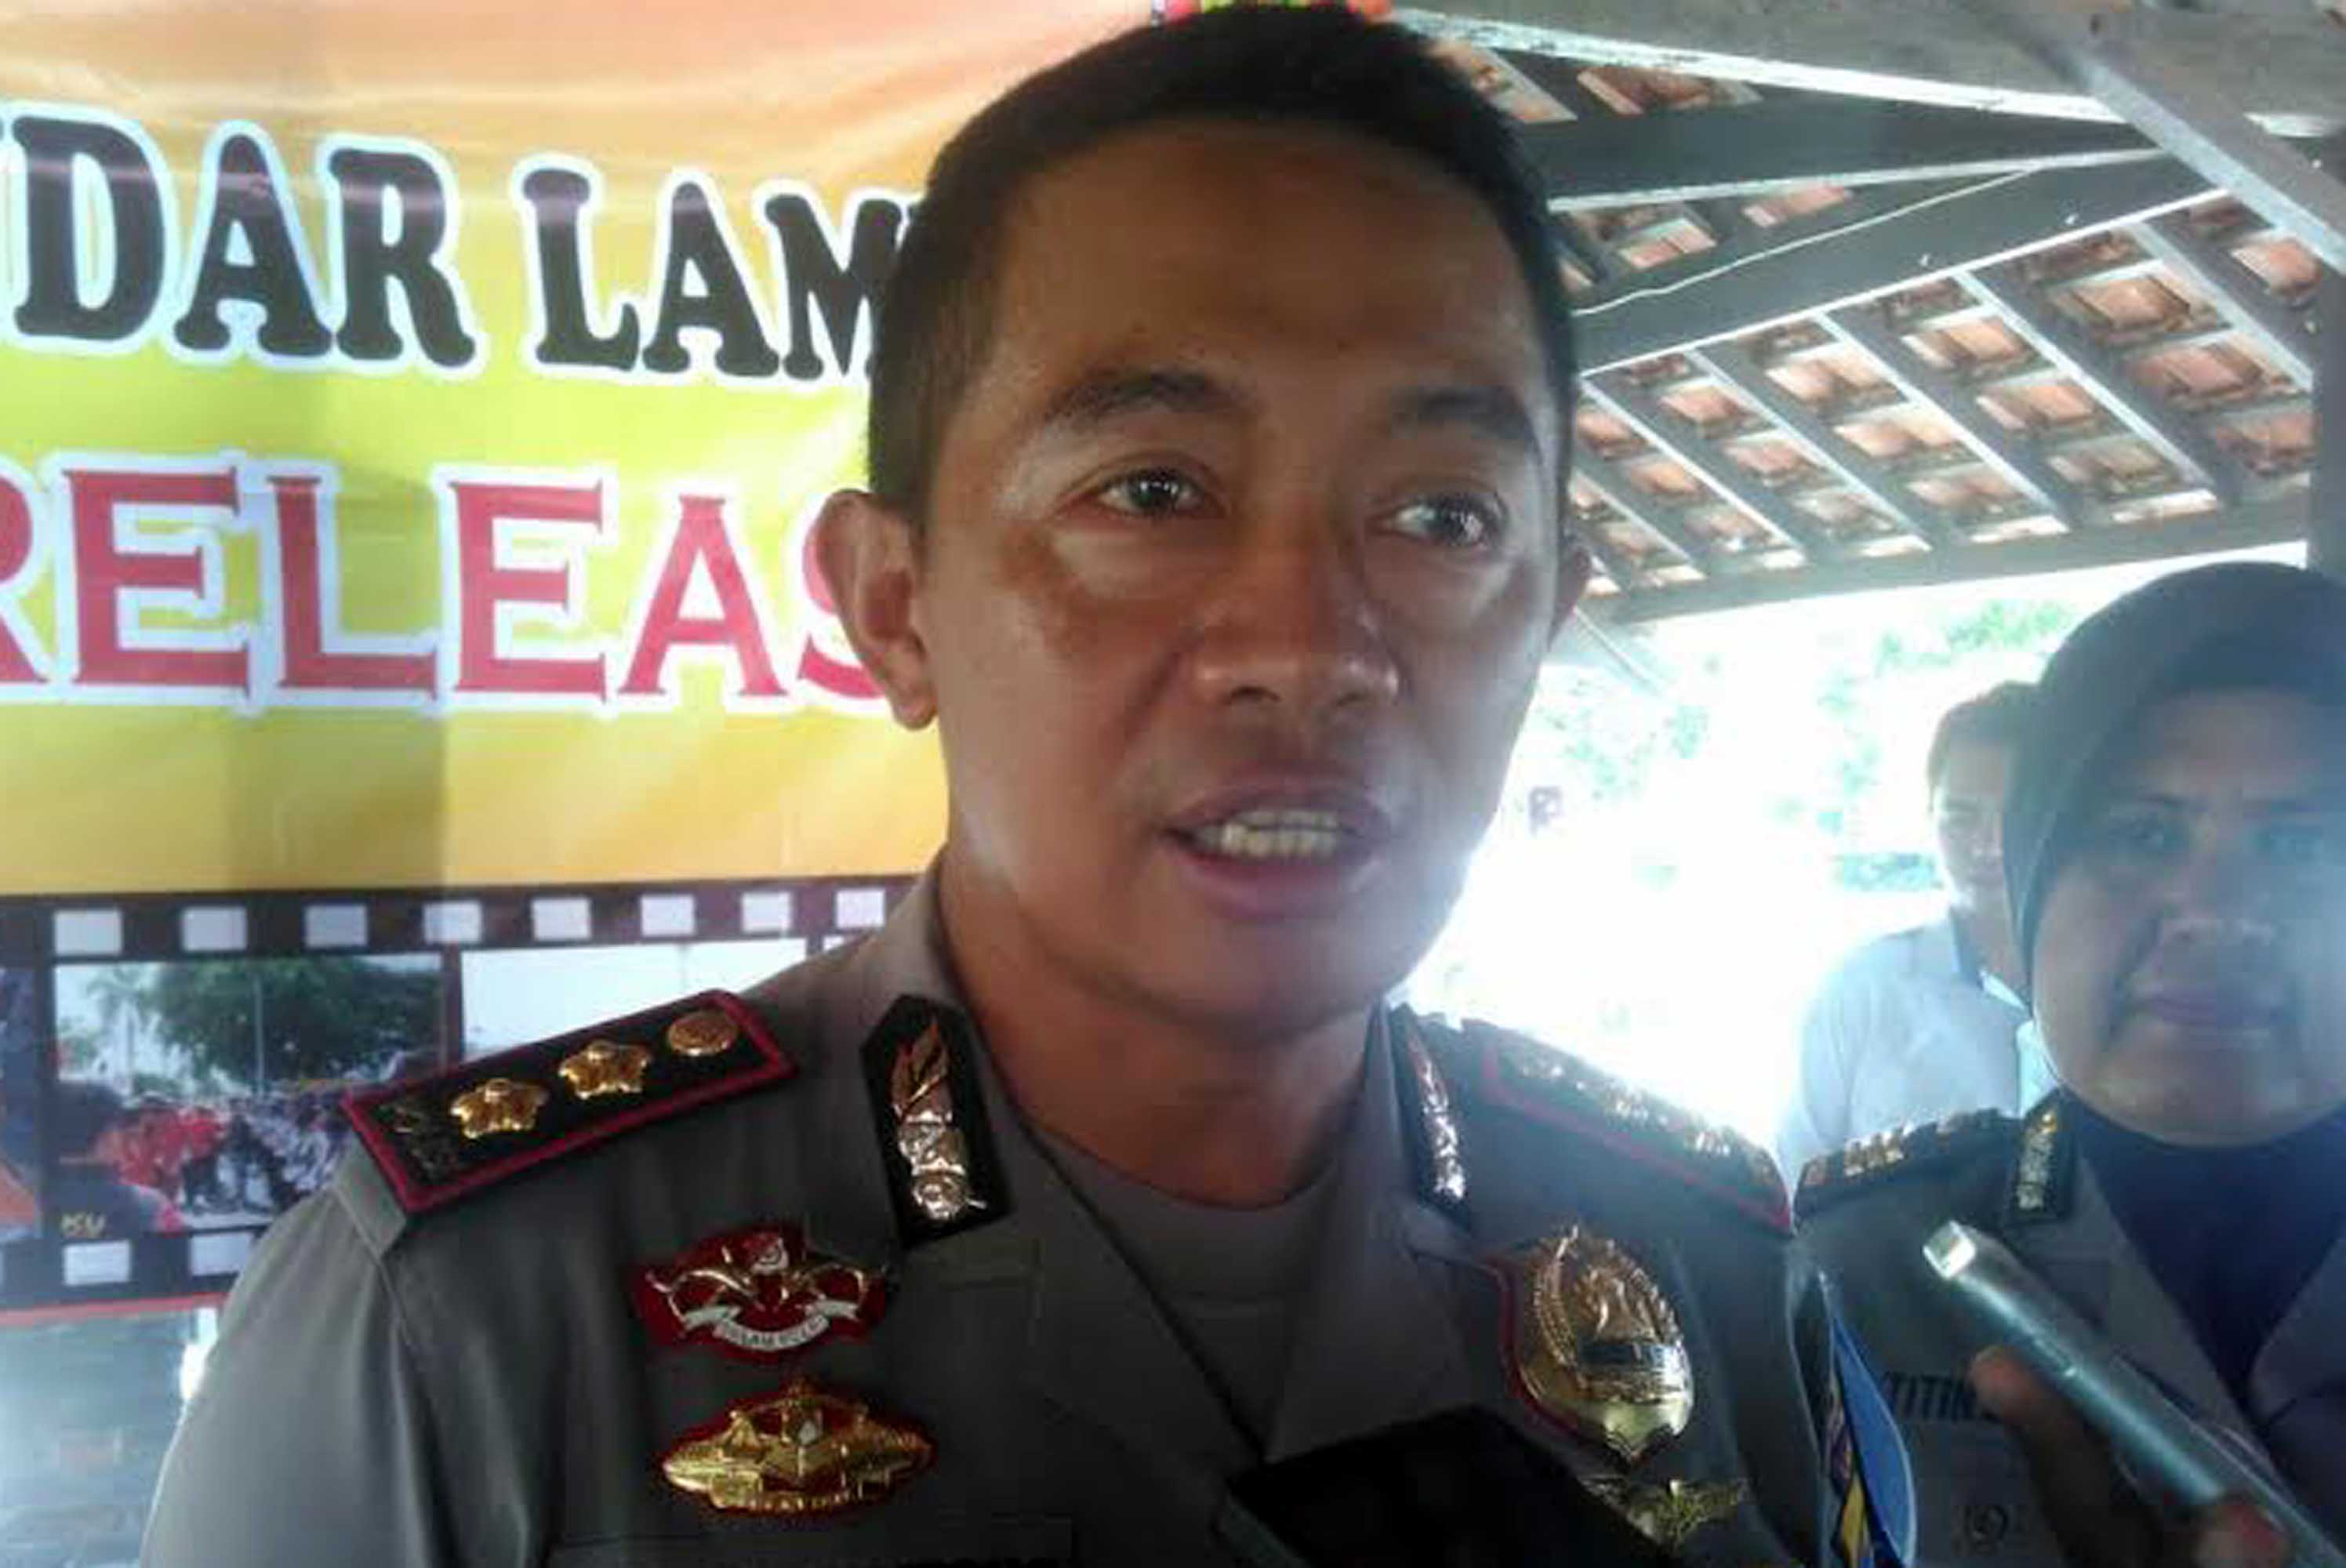 Kapolresta Bandarlampung, Kombes Murbani Budi Pitono.  (Foto: Lampungnews.com)